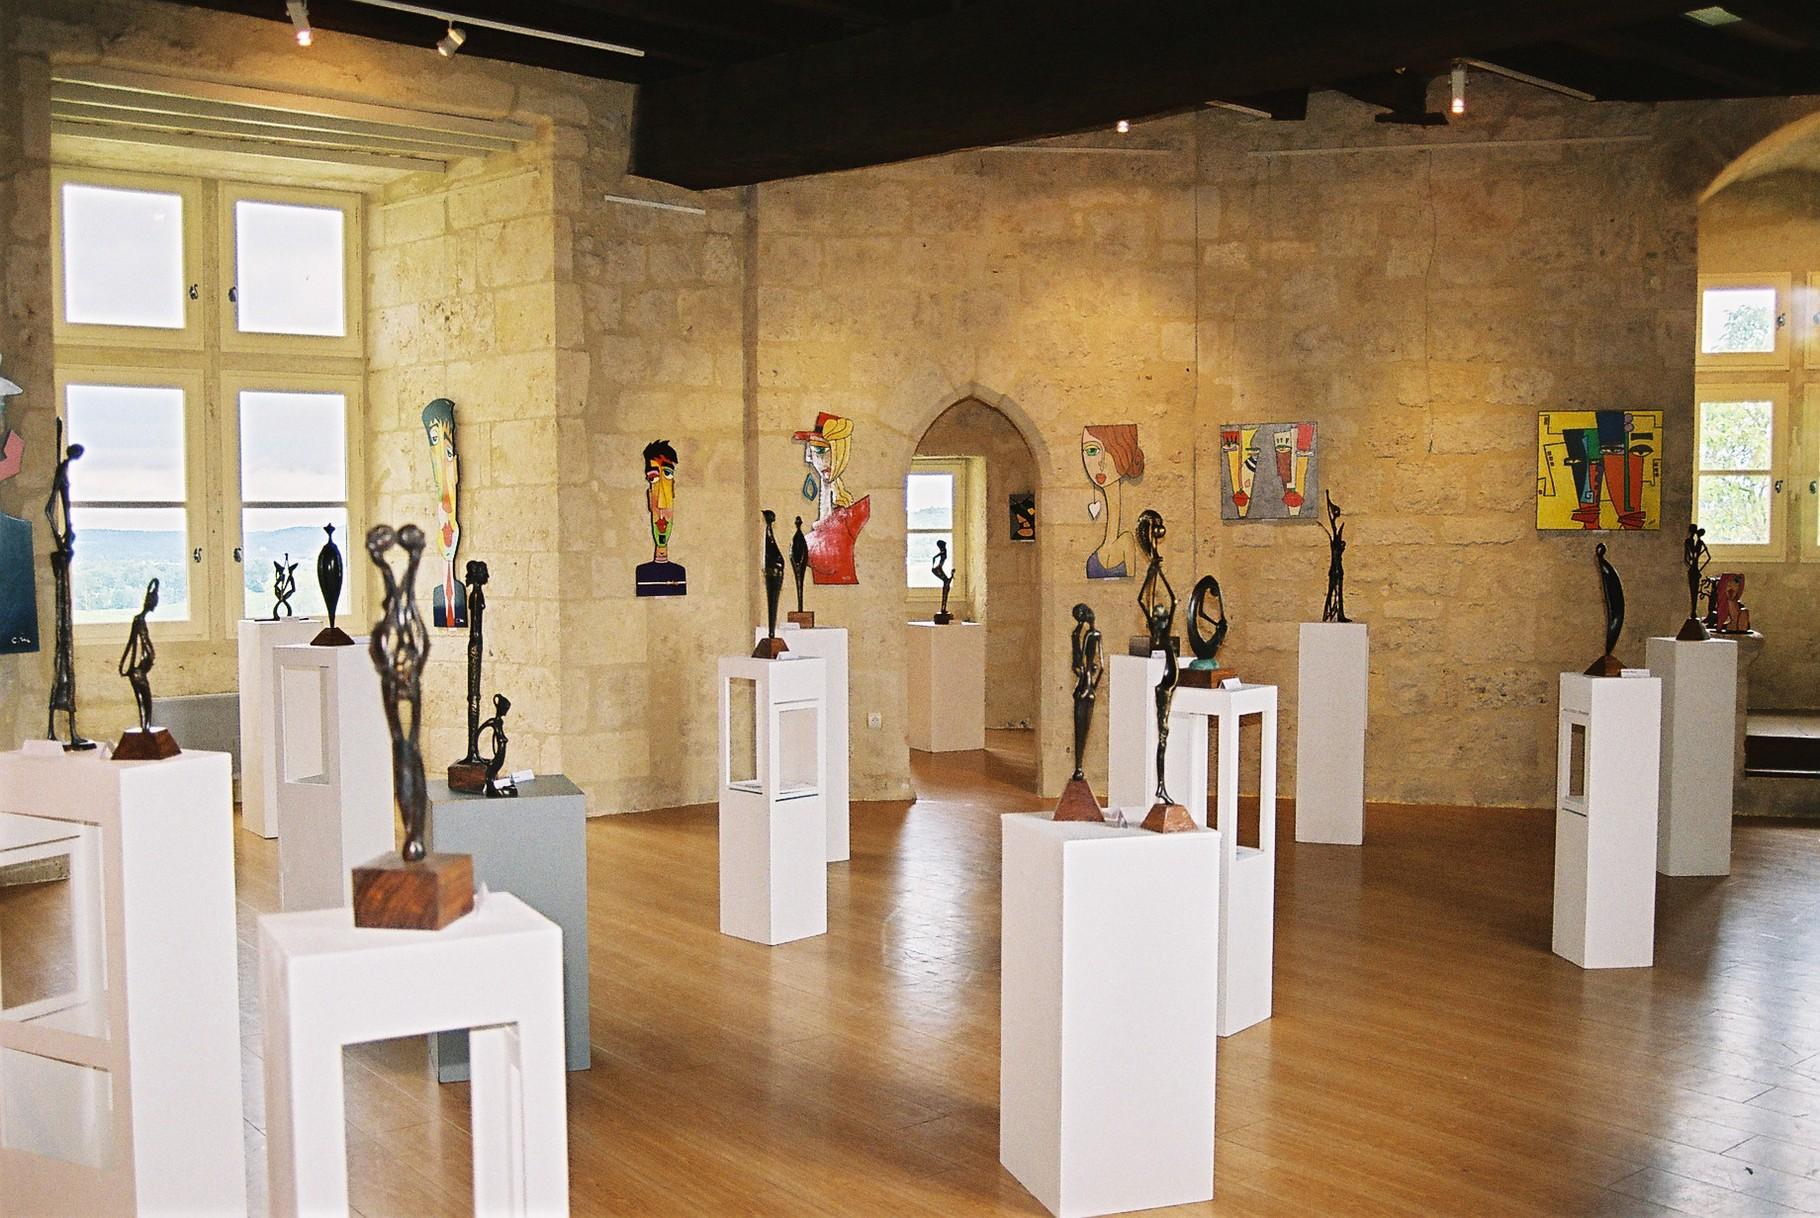 2014 - 33 Pujols sur Dordogne - Exposition avec Claude Millet, artiste peintre